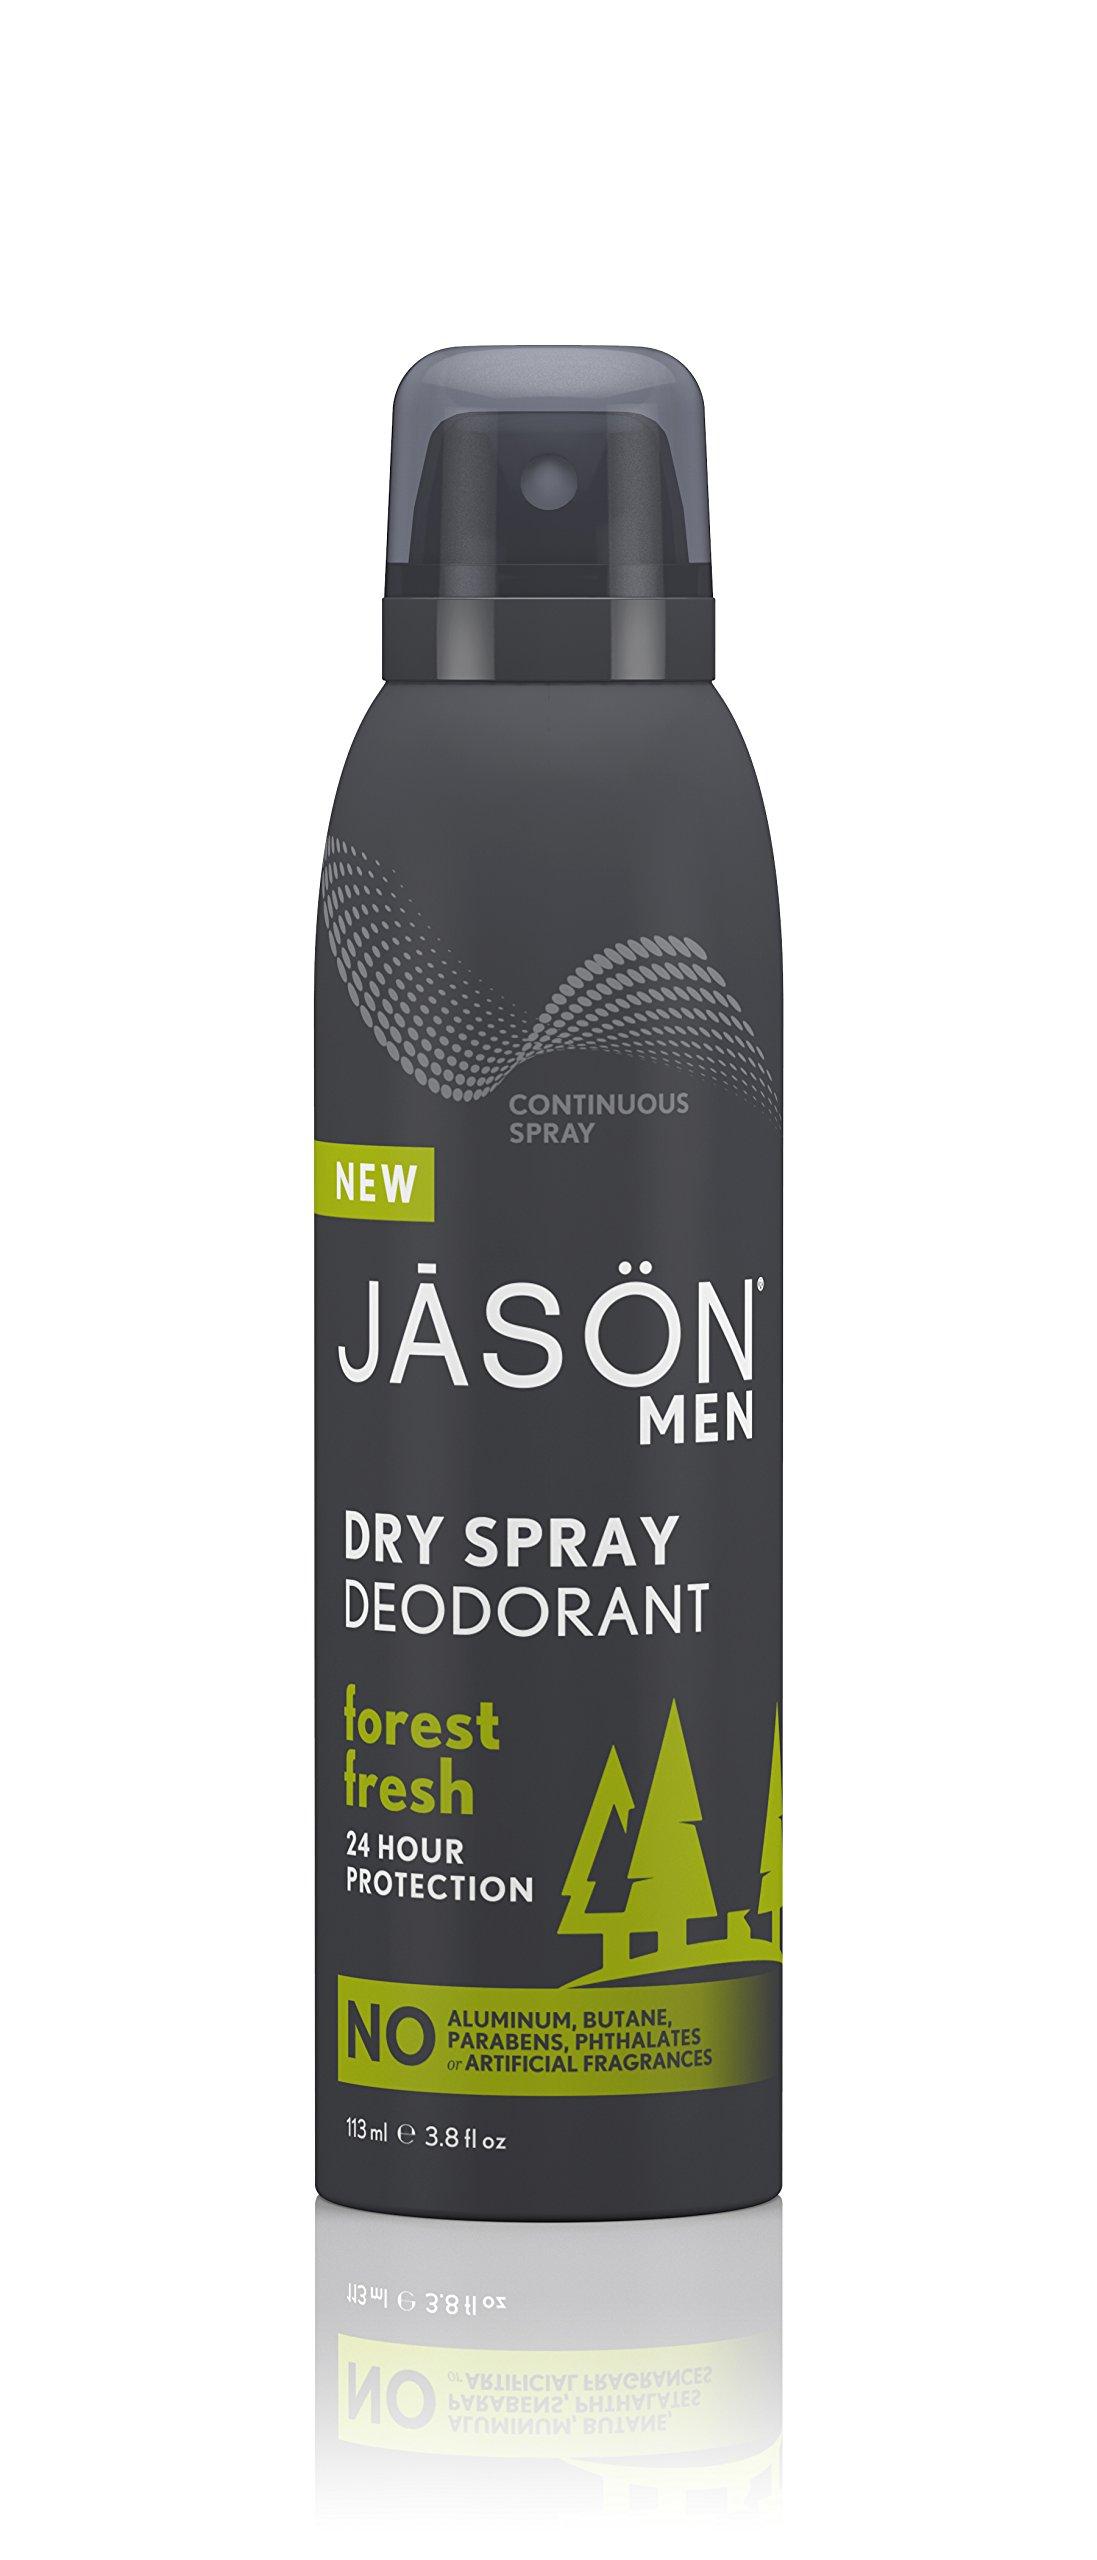 Jason Men's Dry Spray Deodorant, Forest Fresh, 3.8 Fluid Ounce